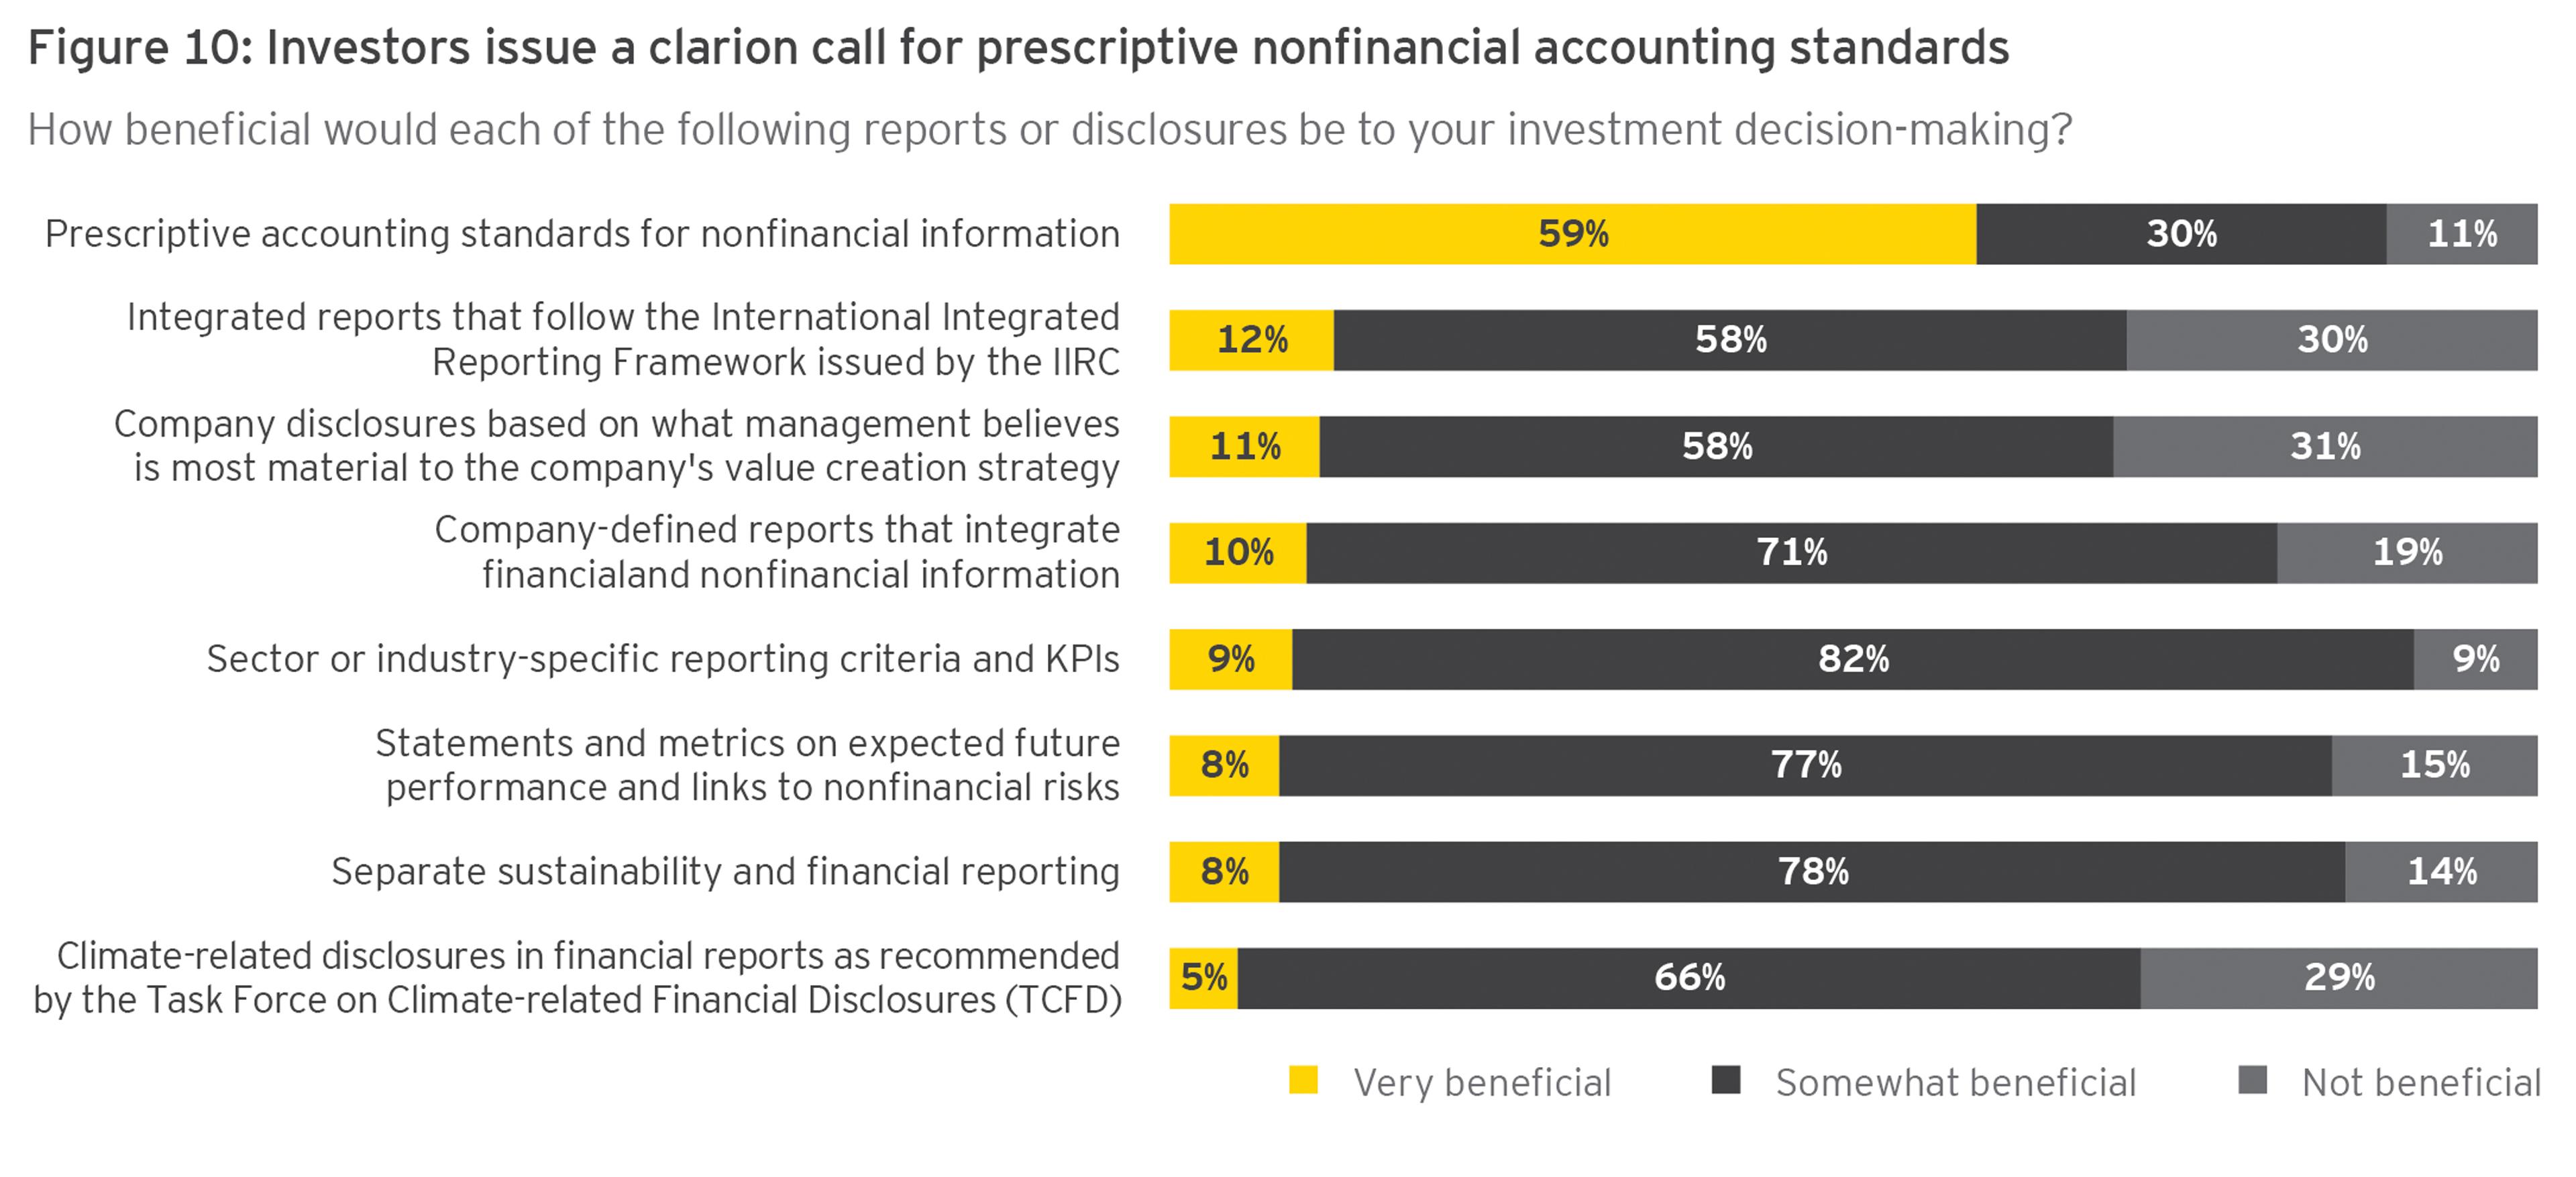 Pregunta: ¿Qué importancia tendrán los expertos en IA para la innovación digital en finanzas y presentación de informes en los próximos dos años?